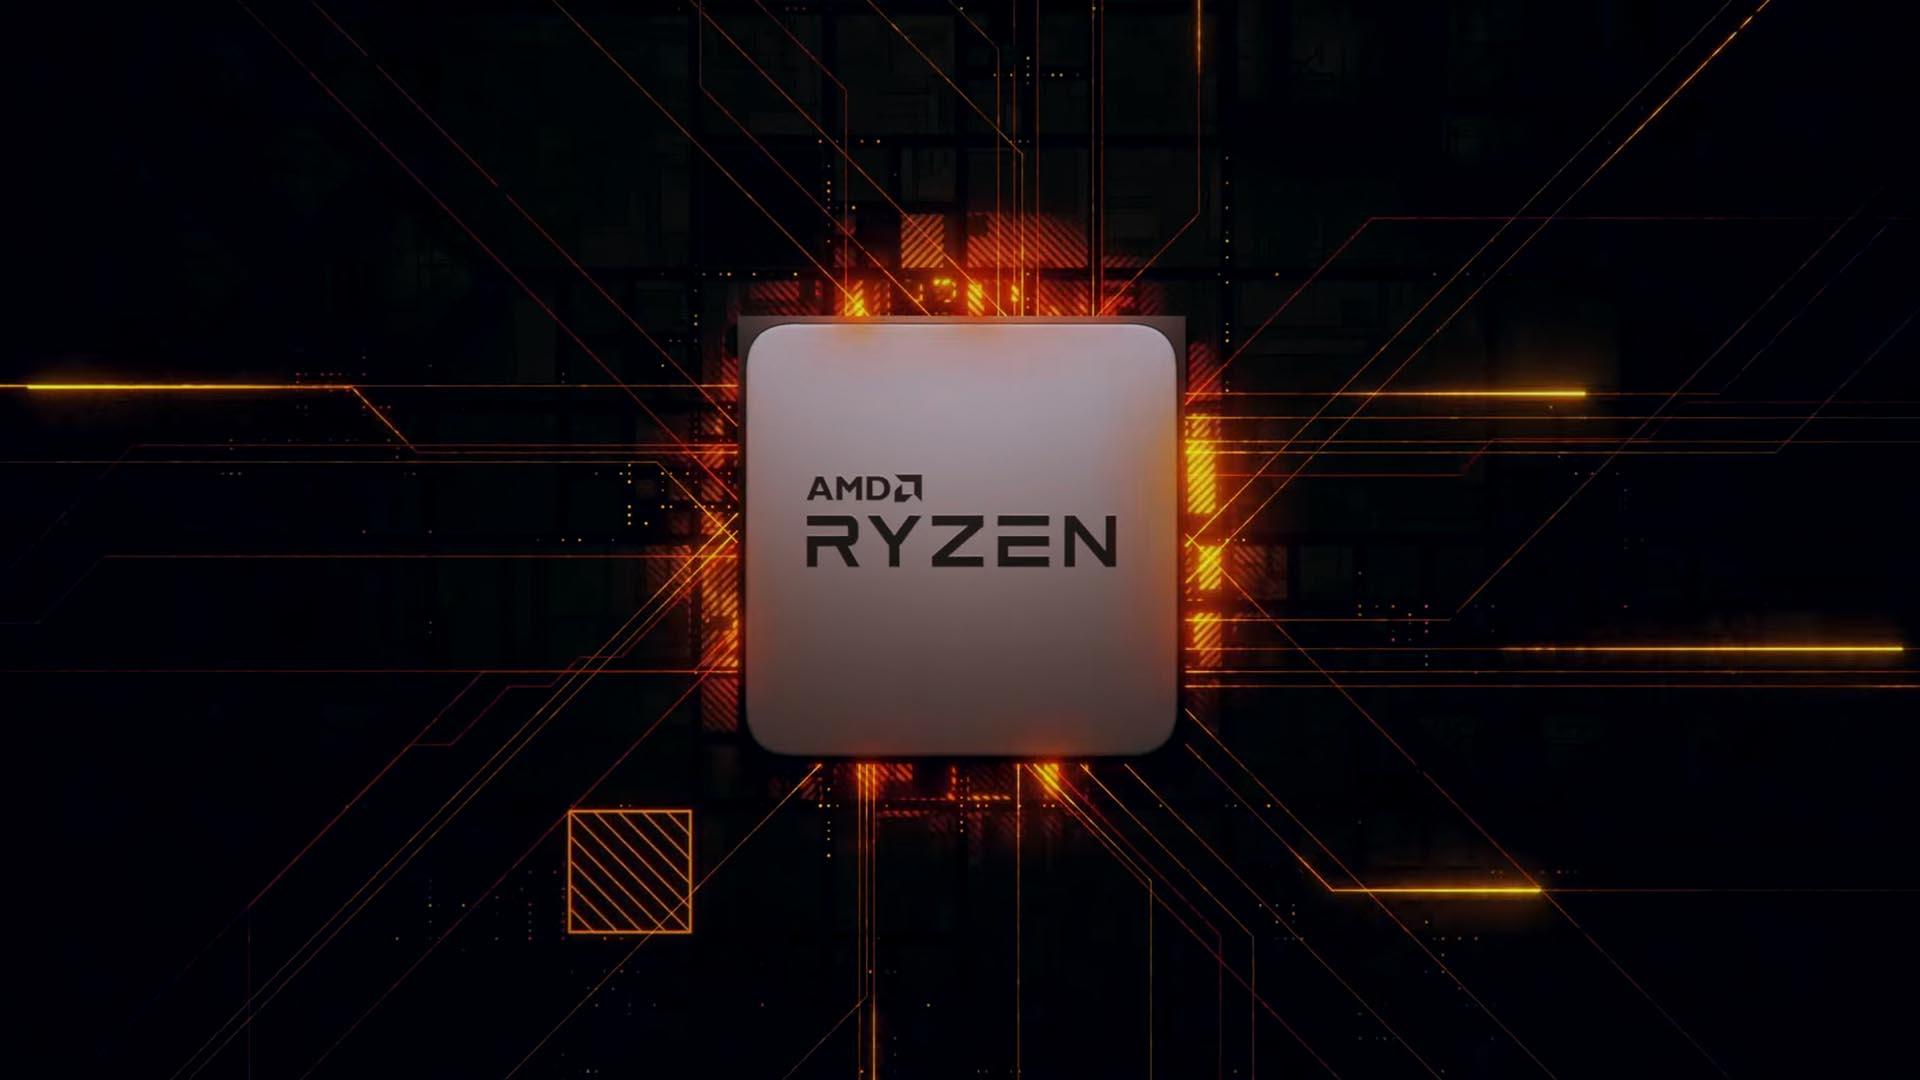 AMD punterebbe agli smartphone con Ryzen C7, un SoC con spec